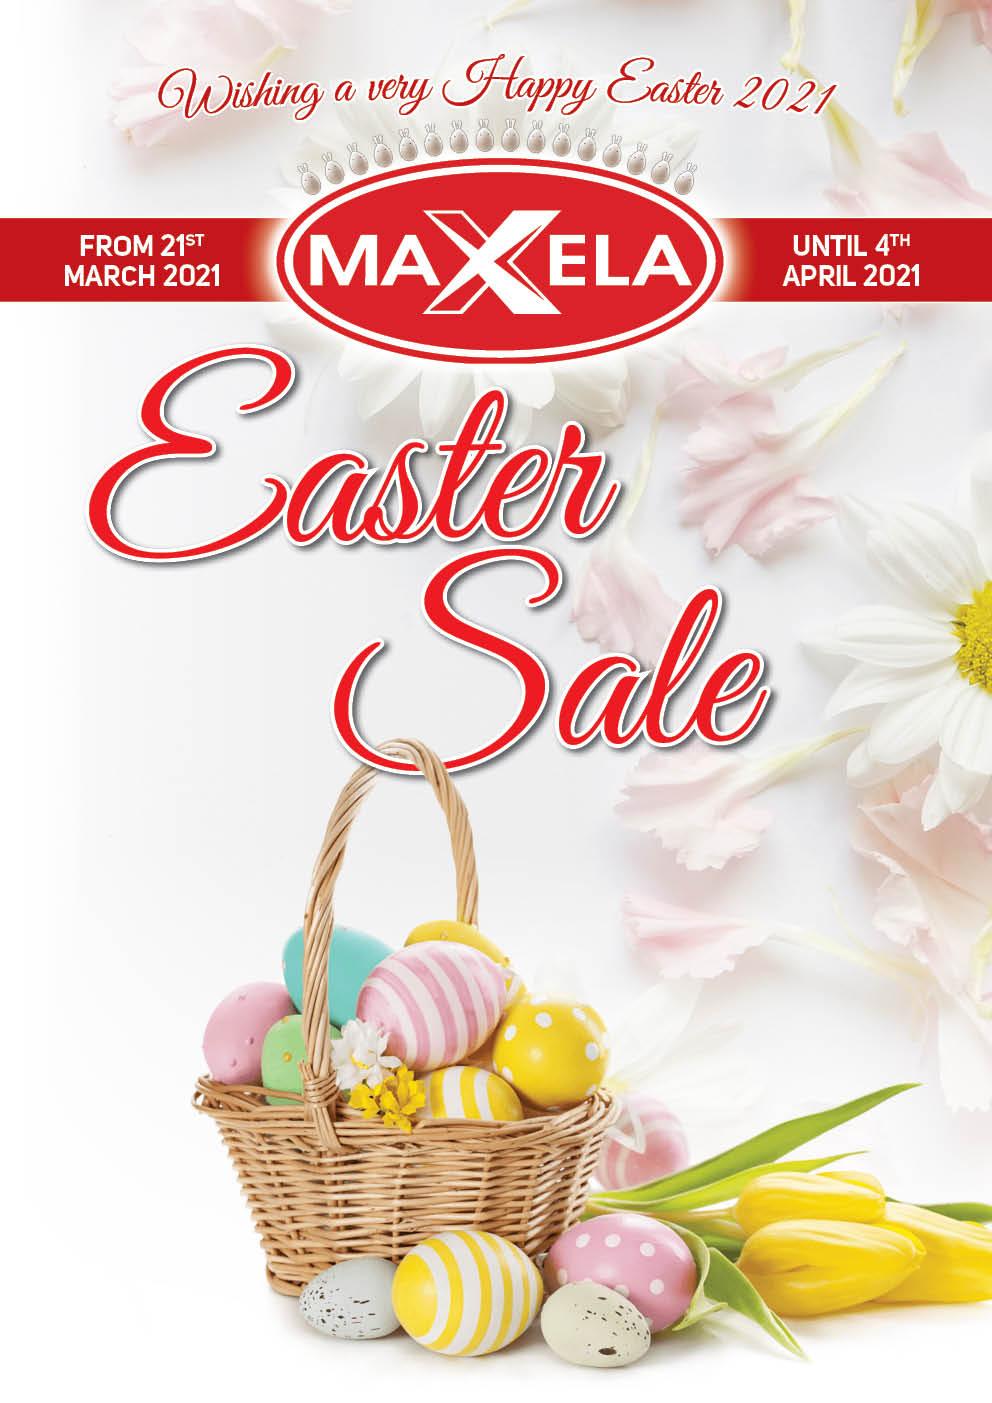 Maxela Easter Sale 2021